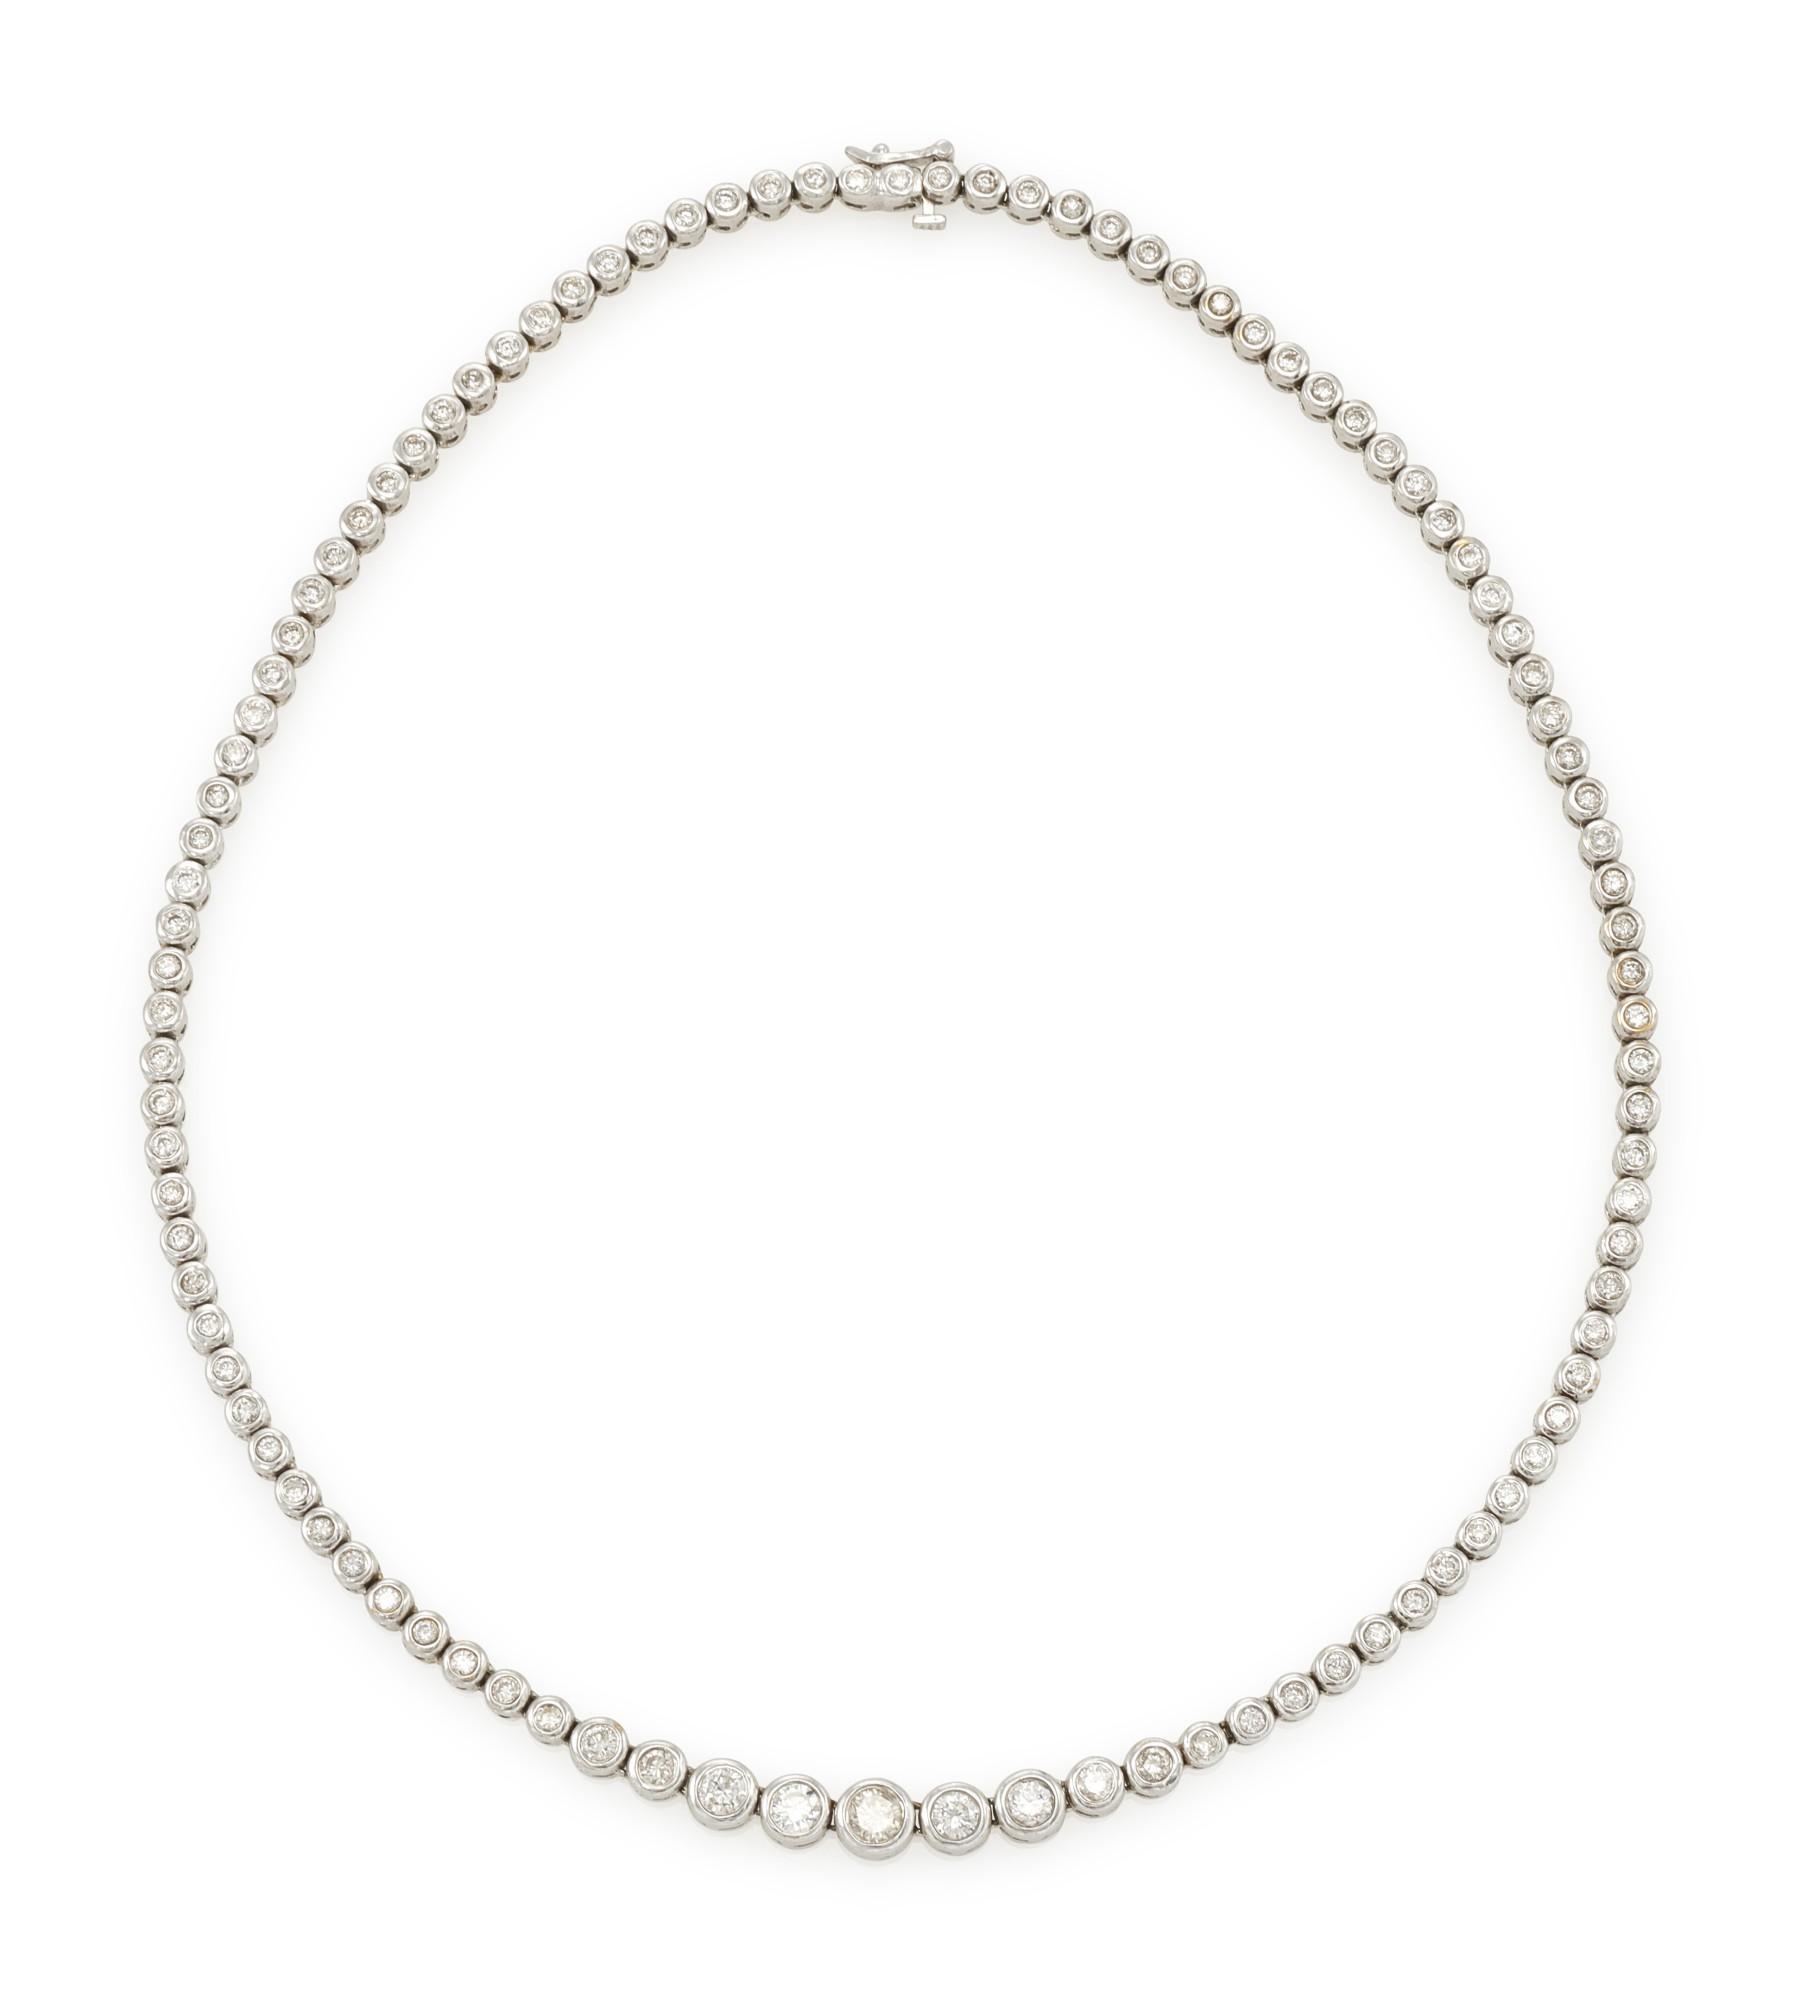 DIAMOND NECKLACE (COLLANA IN DIAMANTI)